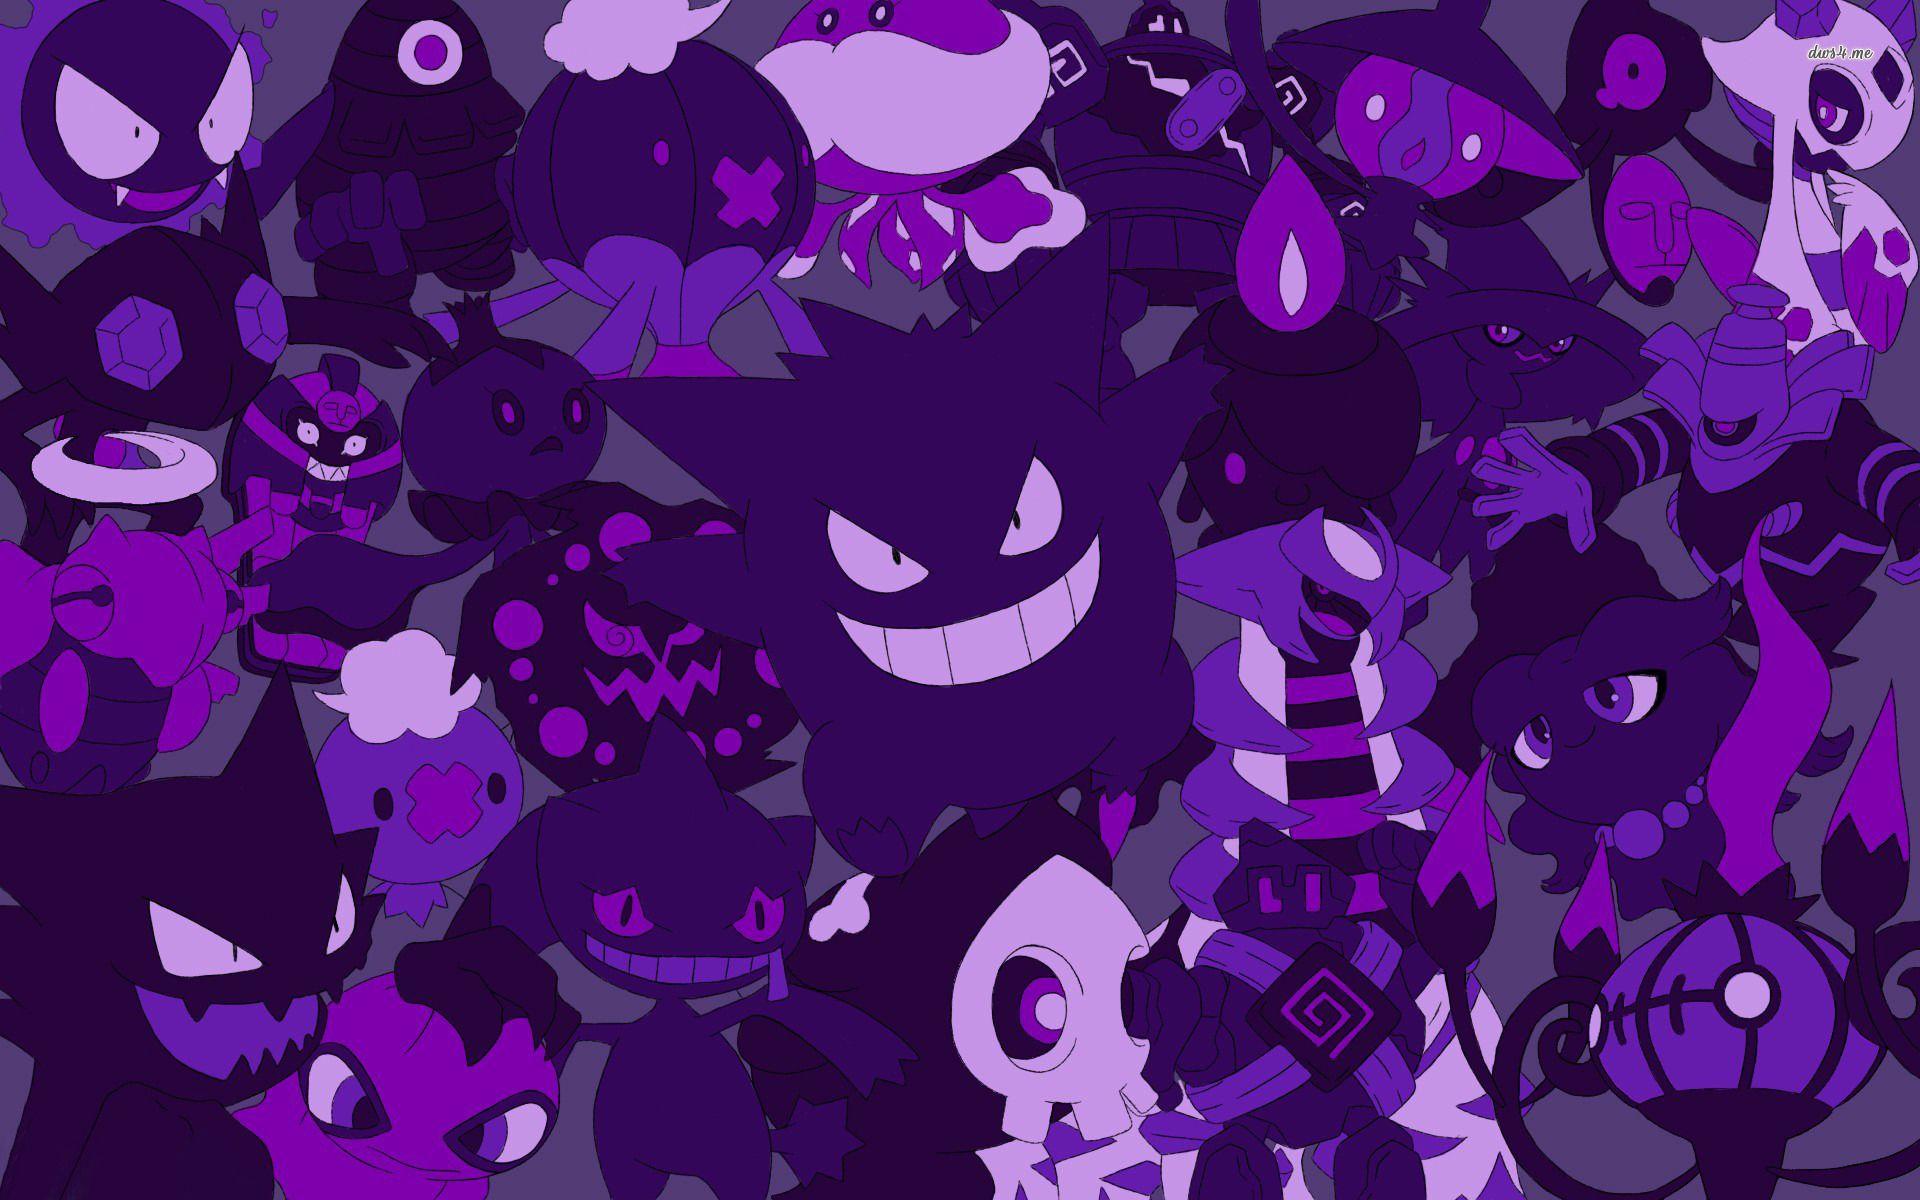 ghost pokemon wallpaper | hd wallpapers | pinterest | ghost pokemon